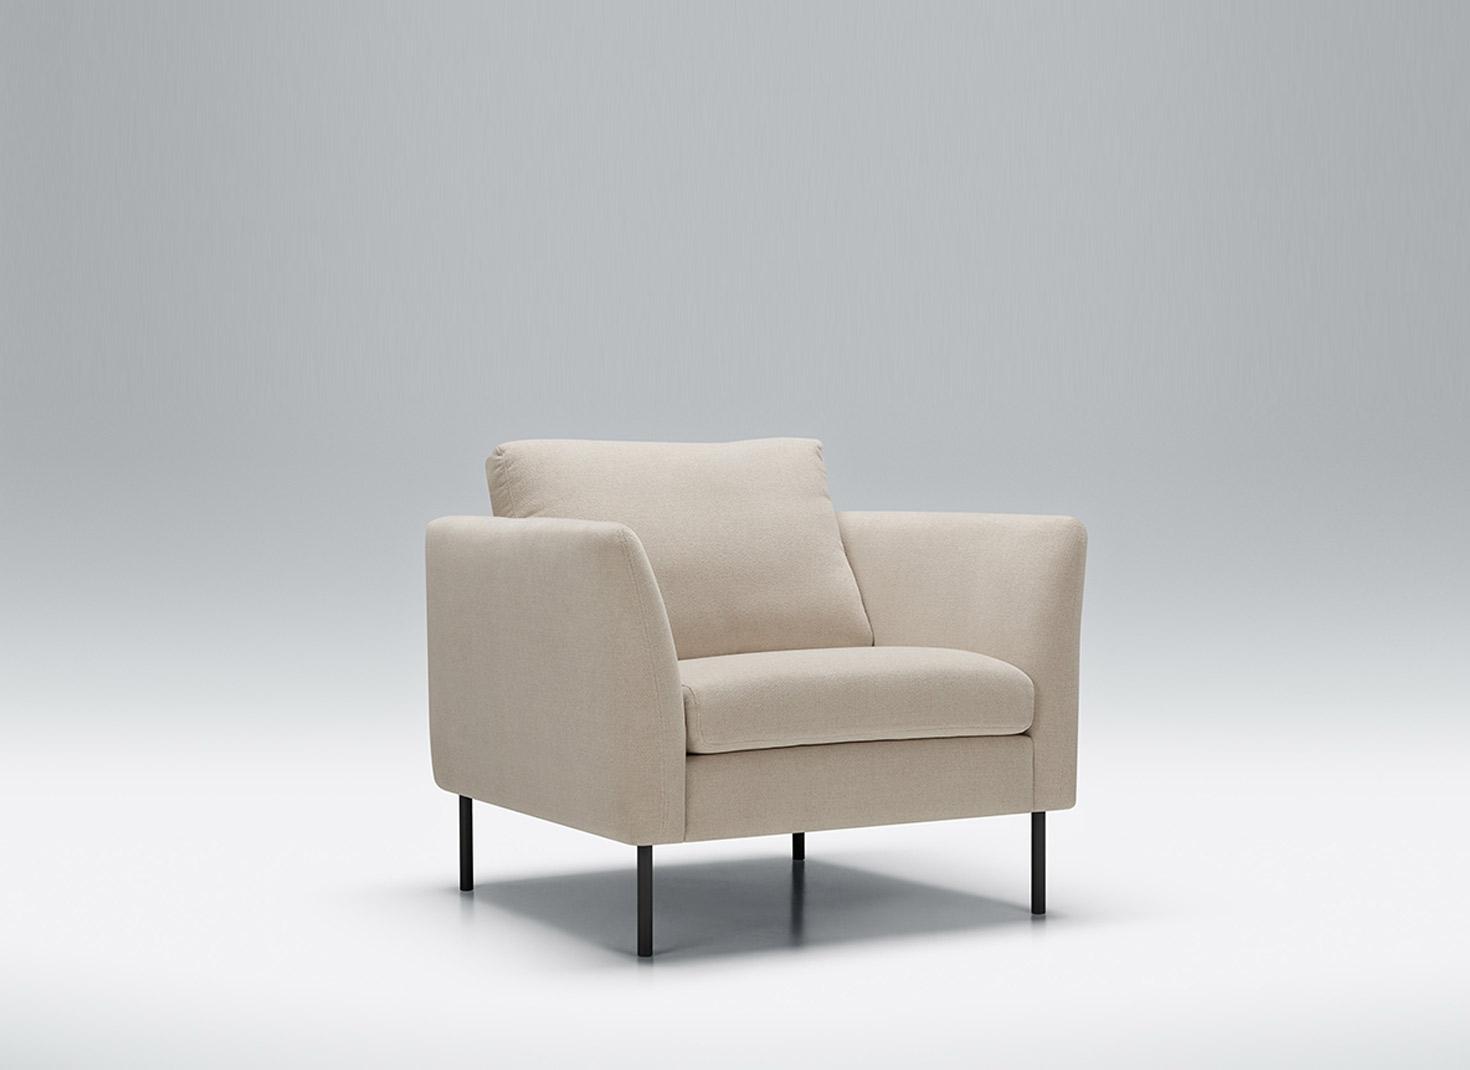 Kahlo armchair